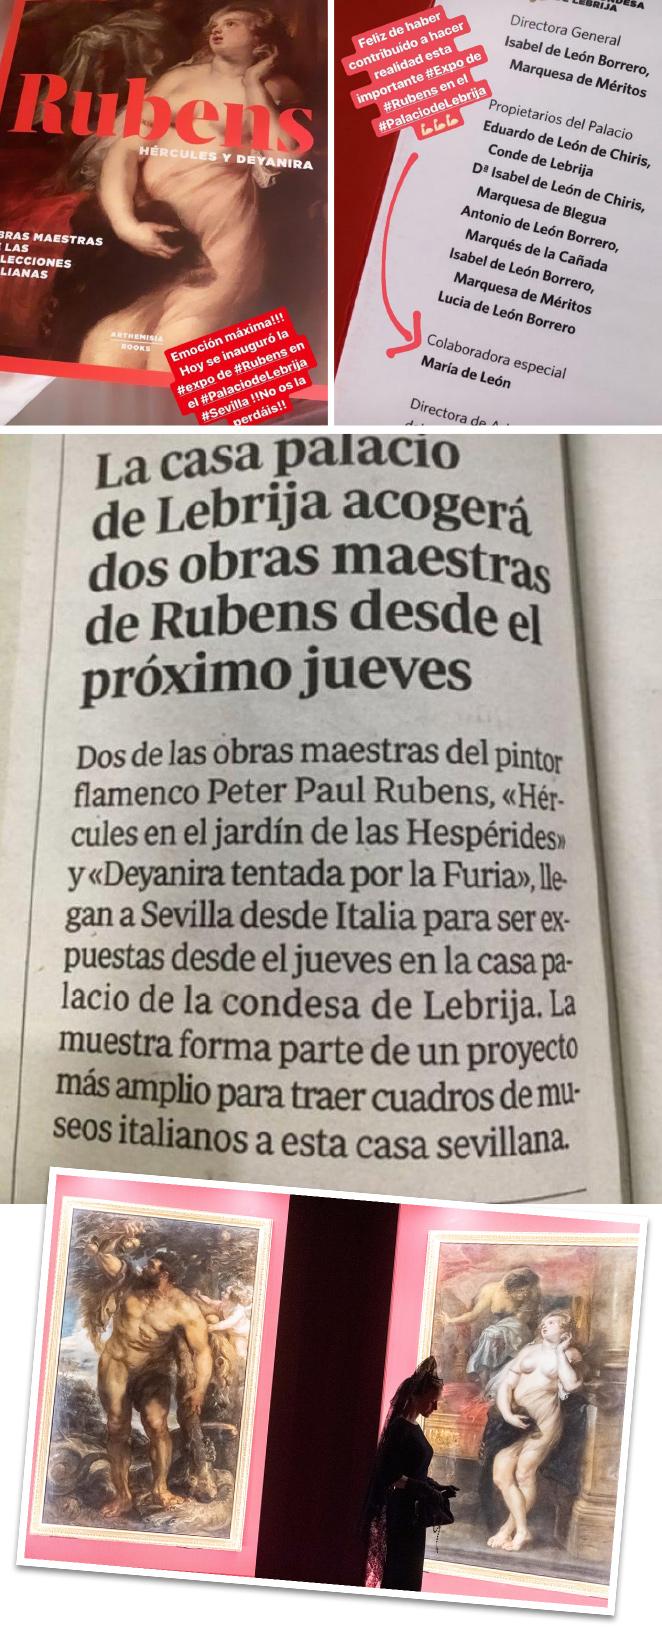 Además, recientemente se ha inaugurado una exposición de Rubens producida por Arthemisia (www.arthemisia.it) y en la que yo he tenido el honor de colaborar para hacerla posible;)!!No os la perdáis si vais a Sevilla!!